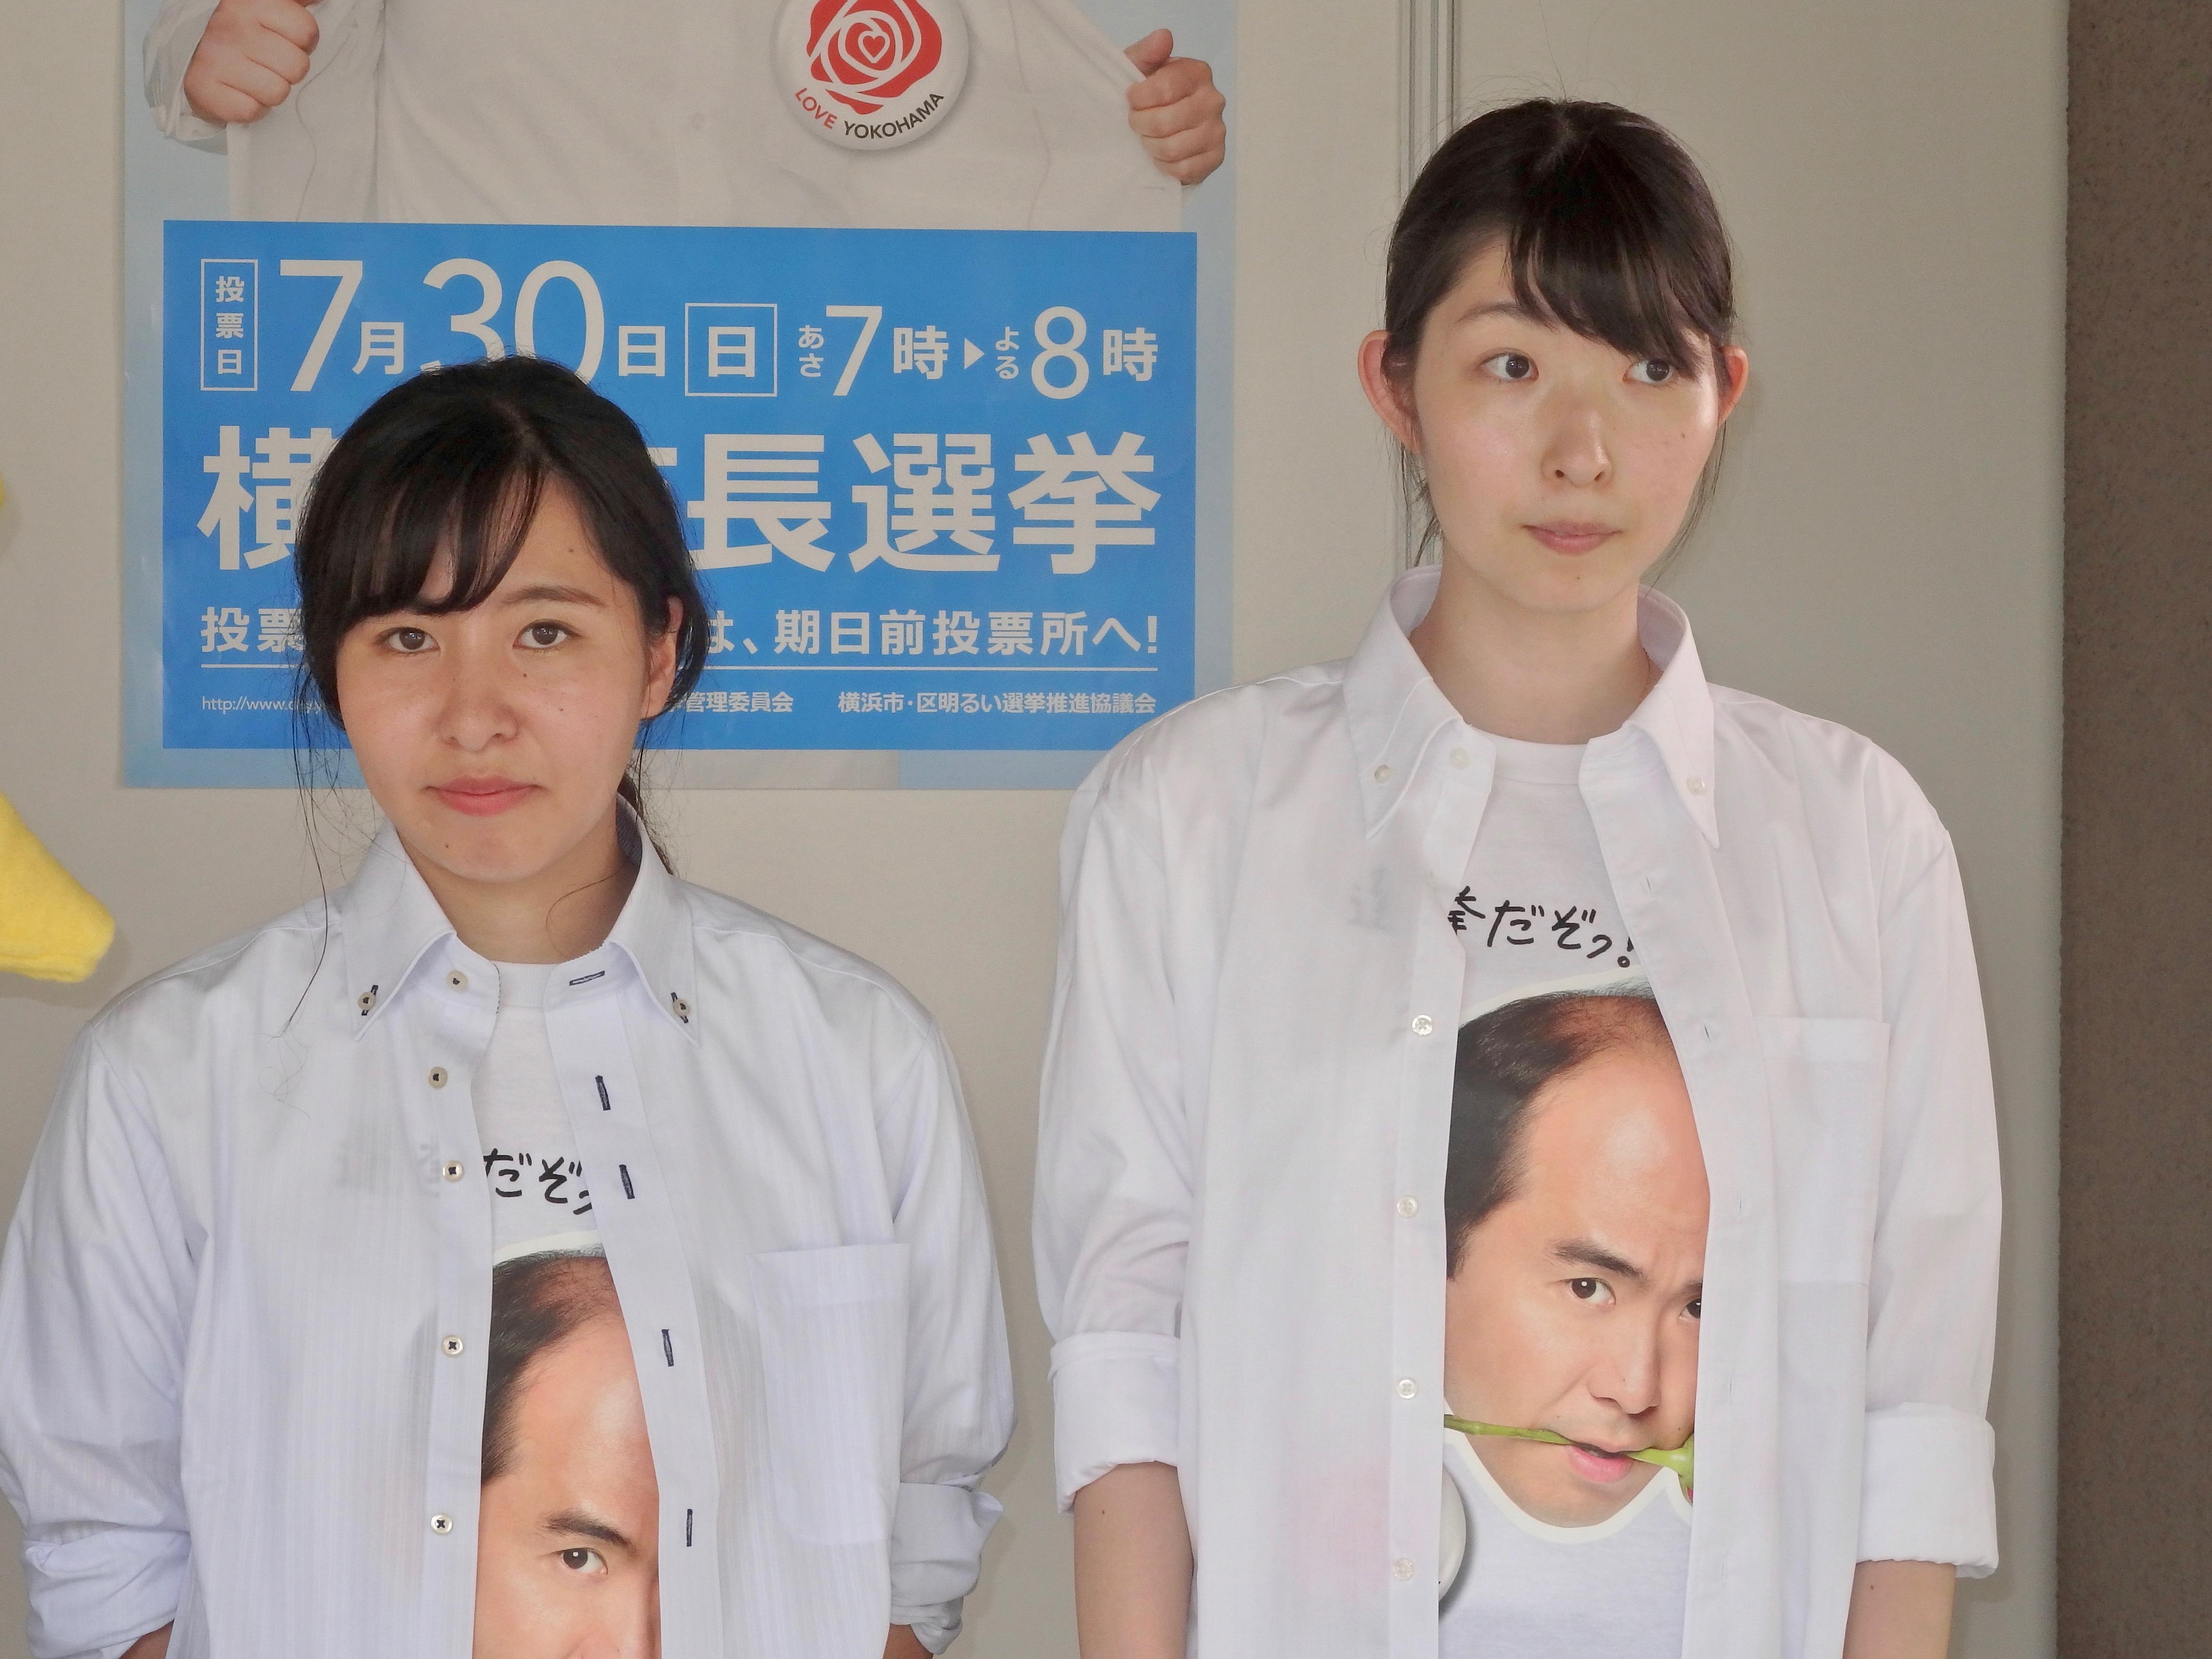 http://news.yoshimoto.co.jp/20170716164418-354b44b21408fb6c2e27f49a704ec602d93ac414.jpg